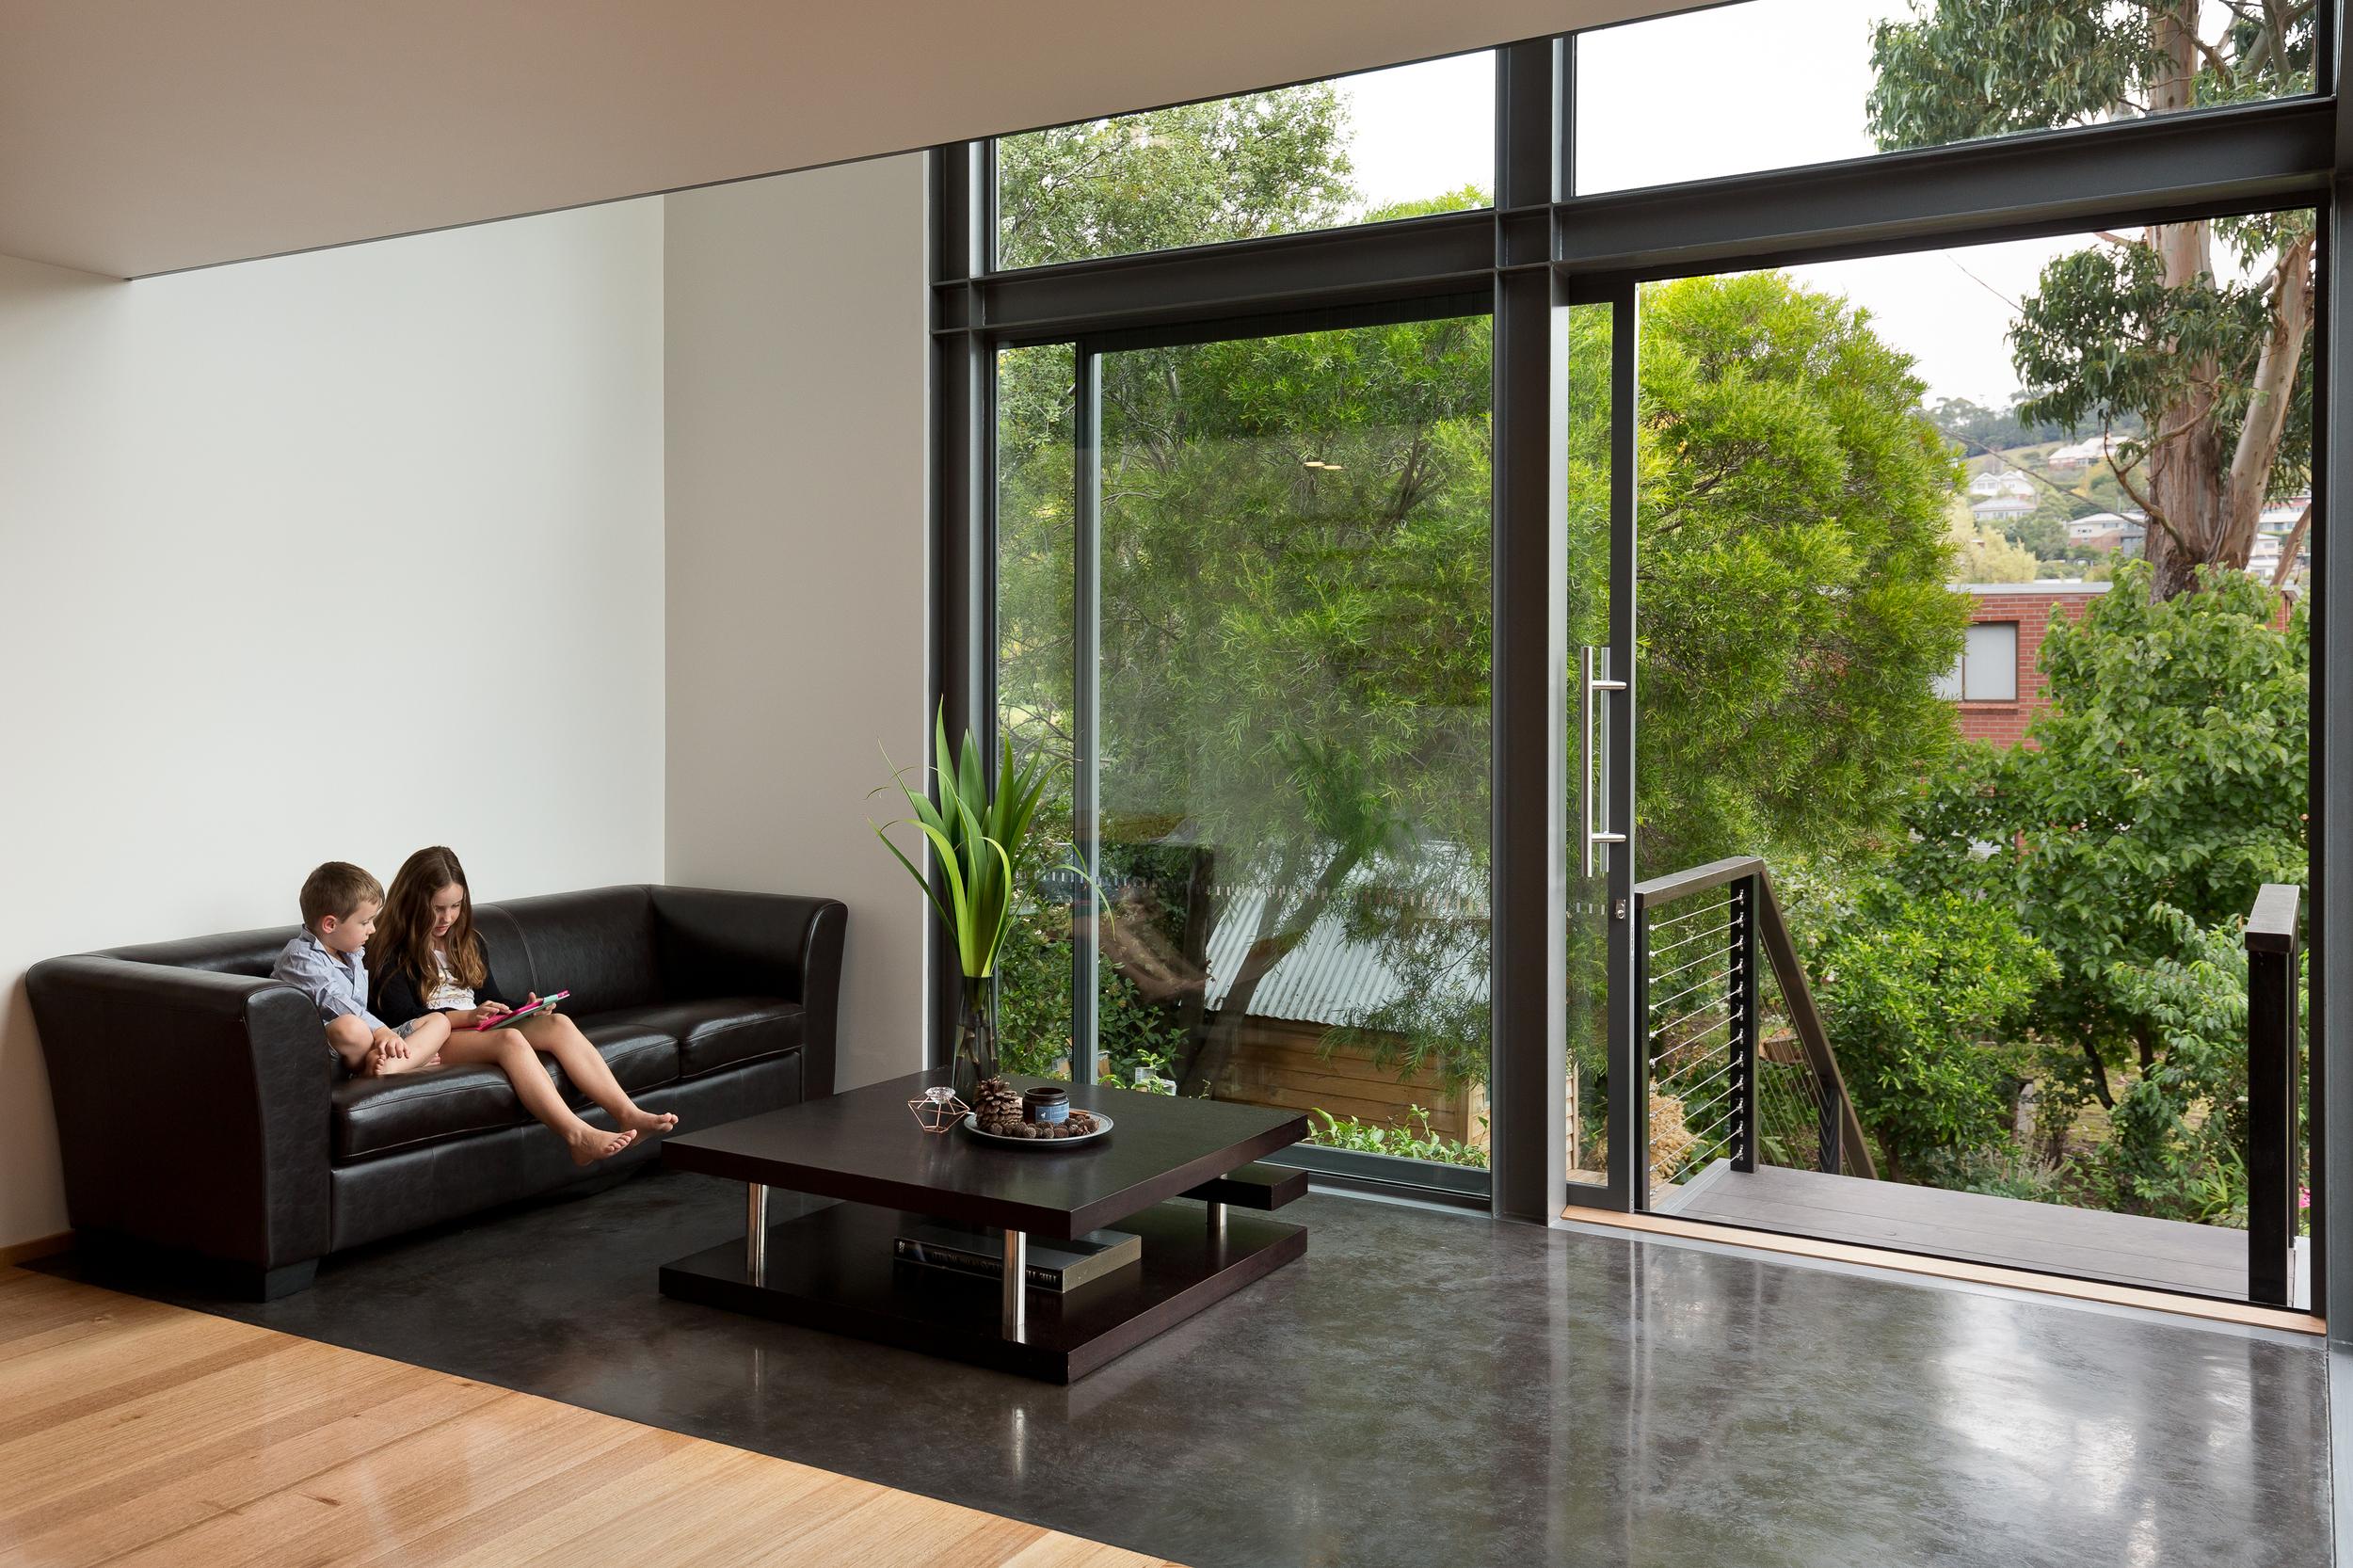 Hobart_residential_shoot-13.jpg